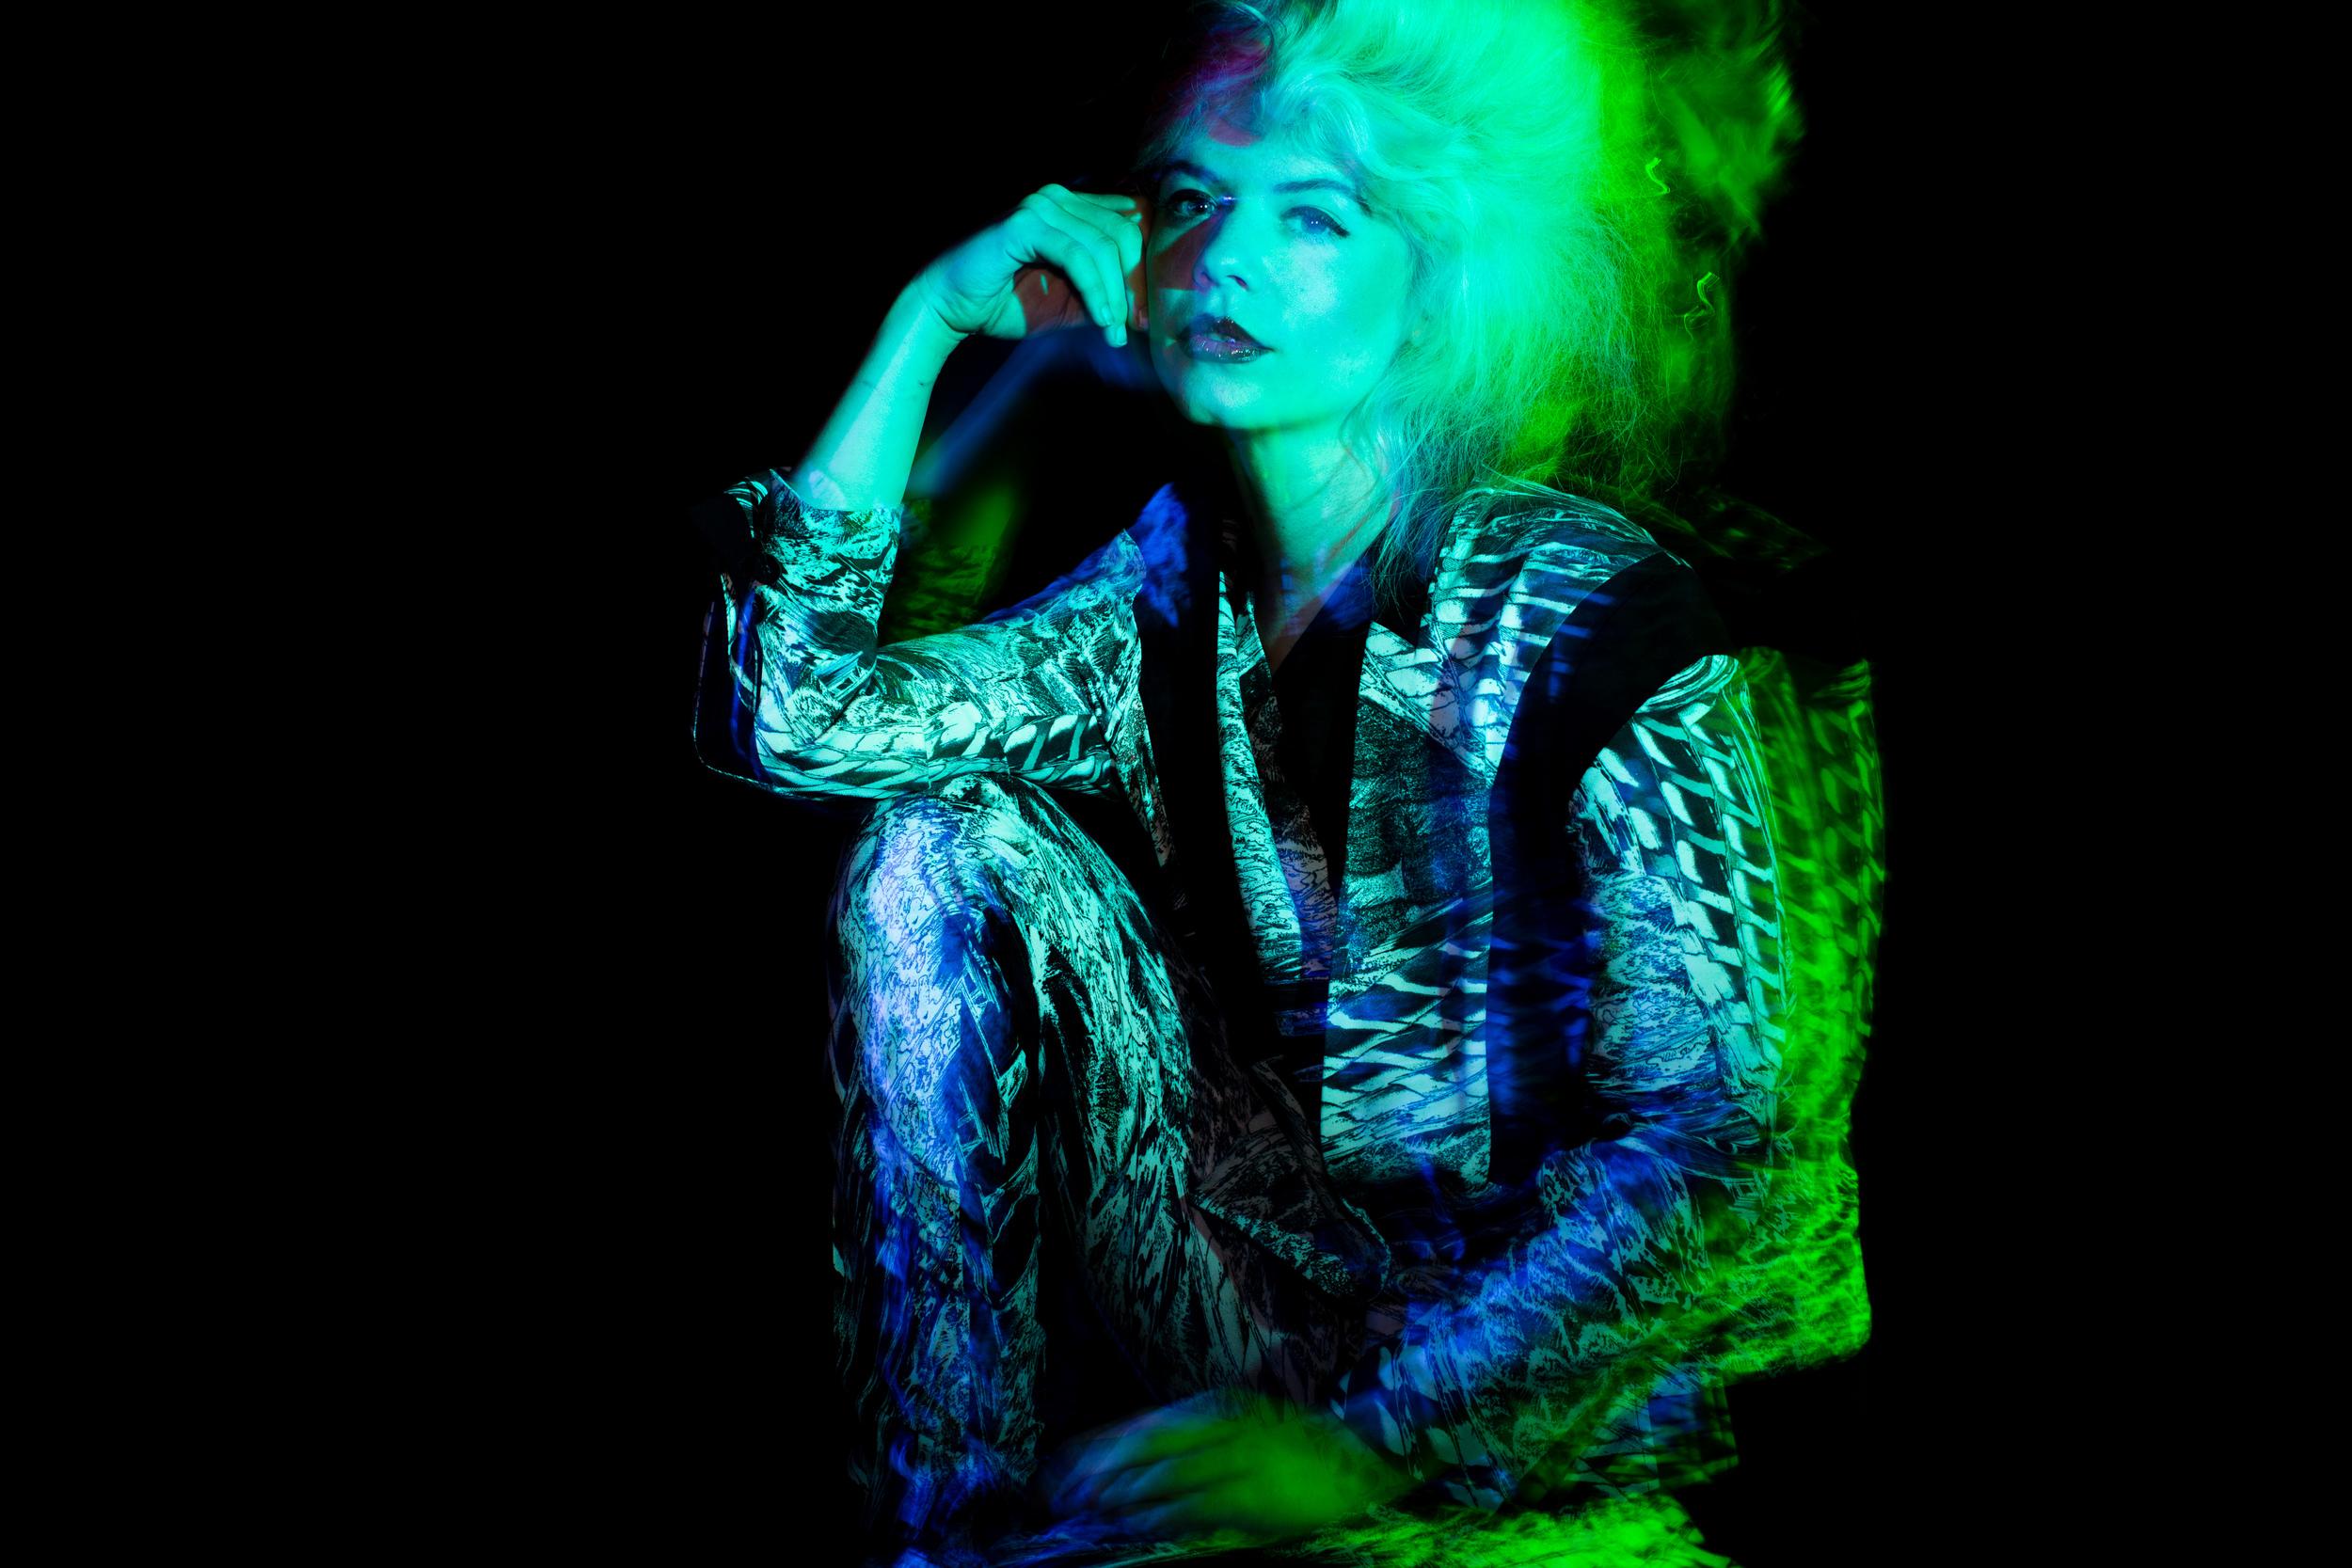 Velvet_Dust_Light_Play00001.jpg